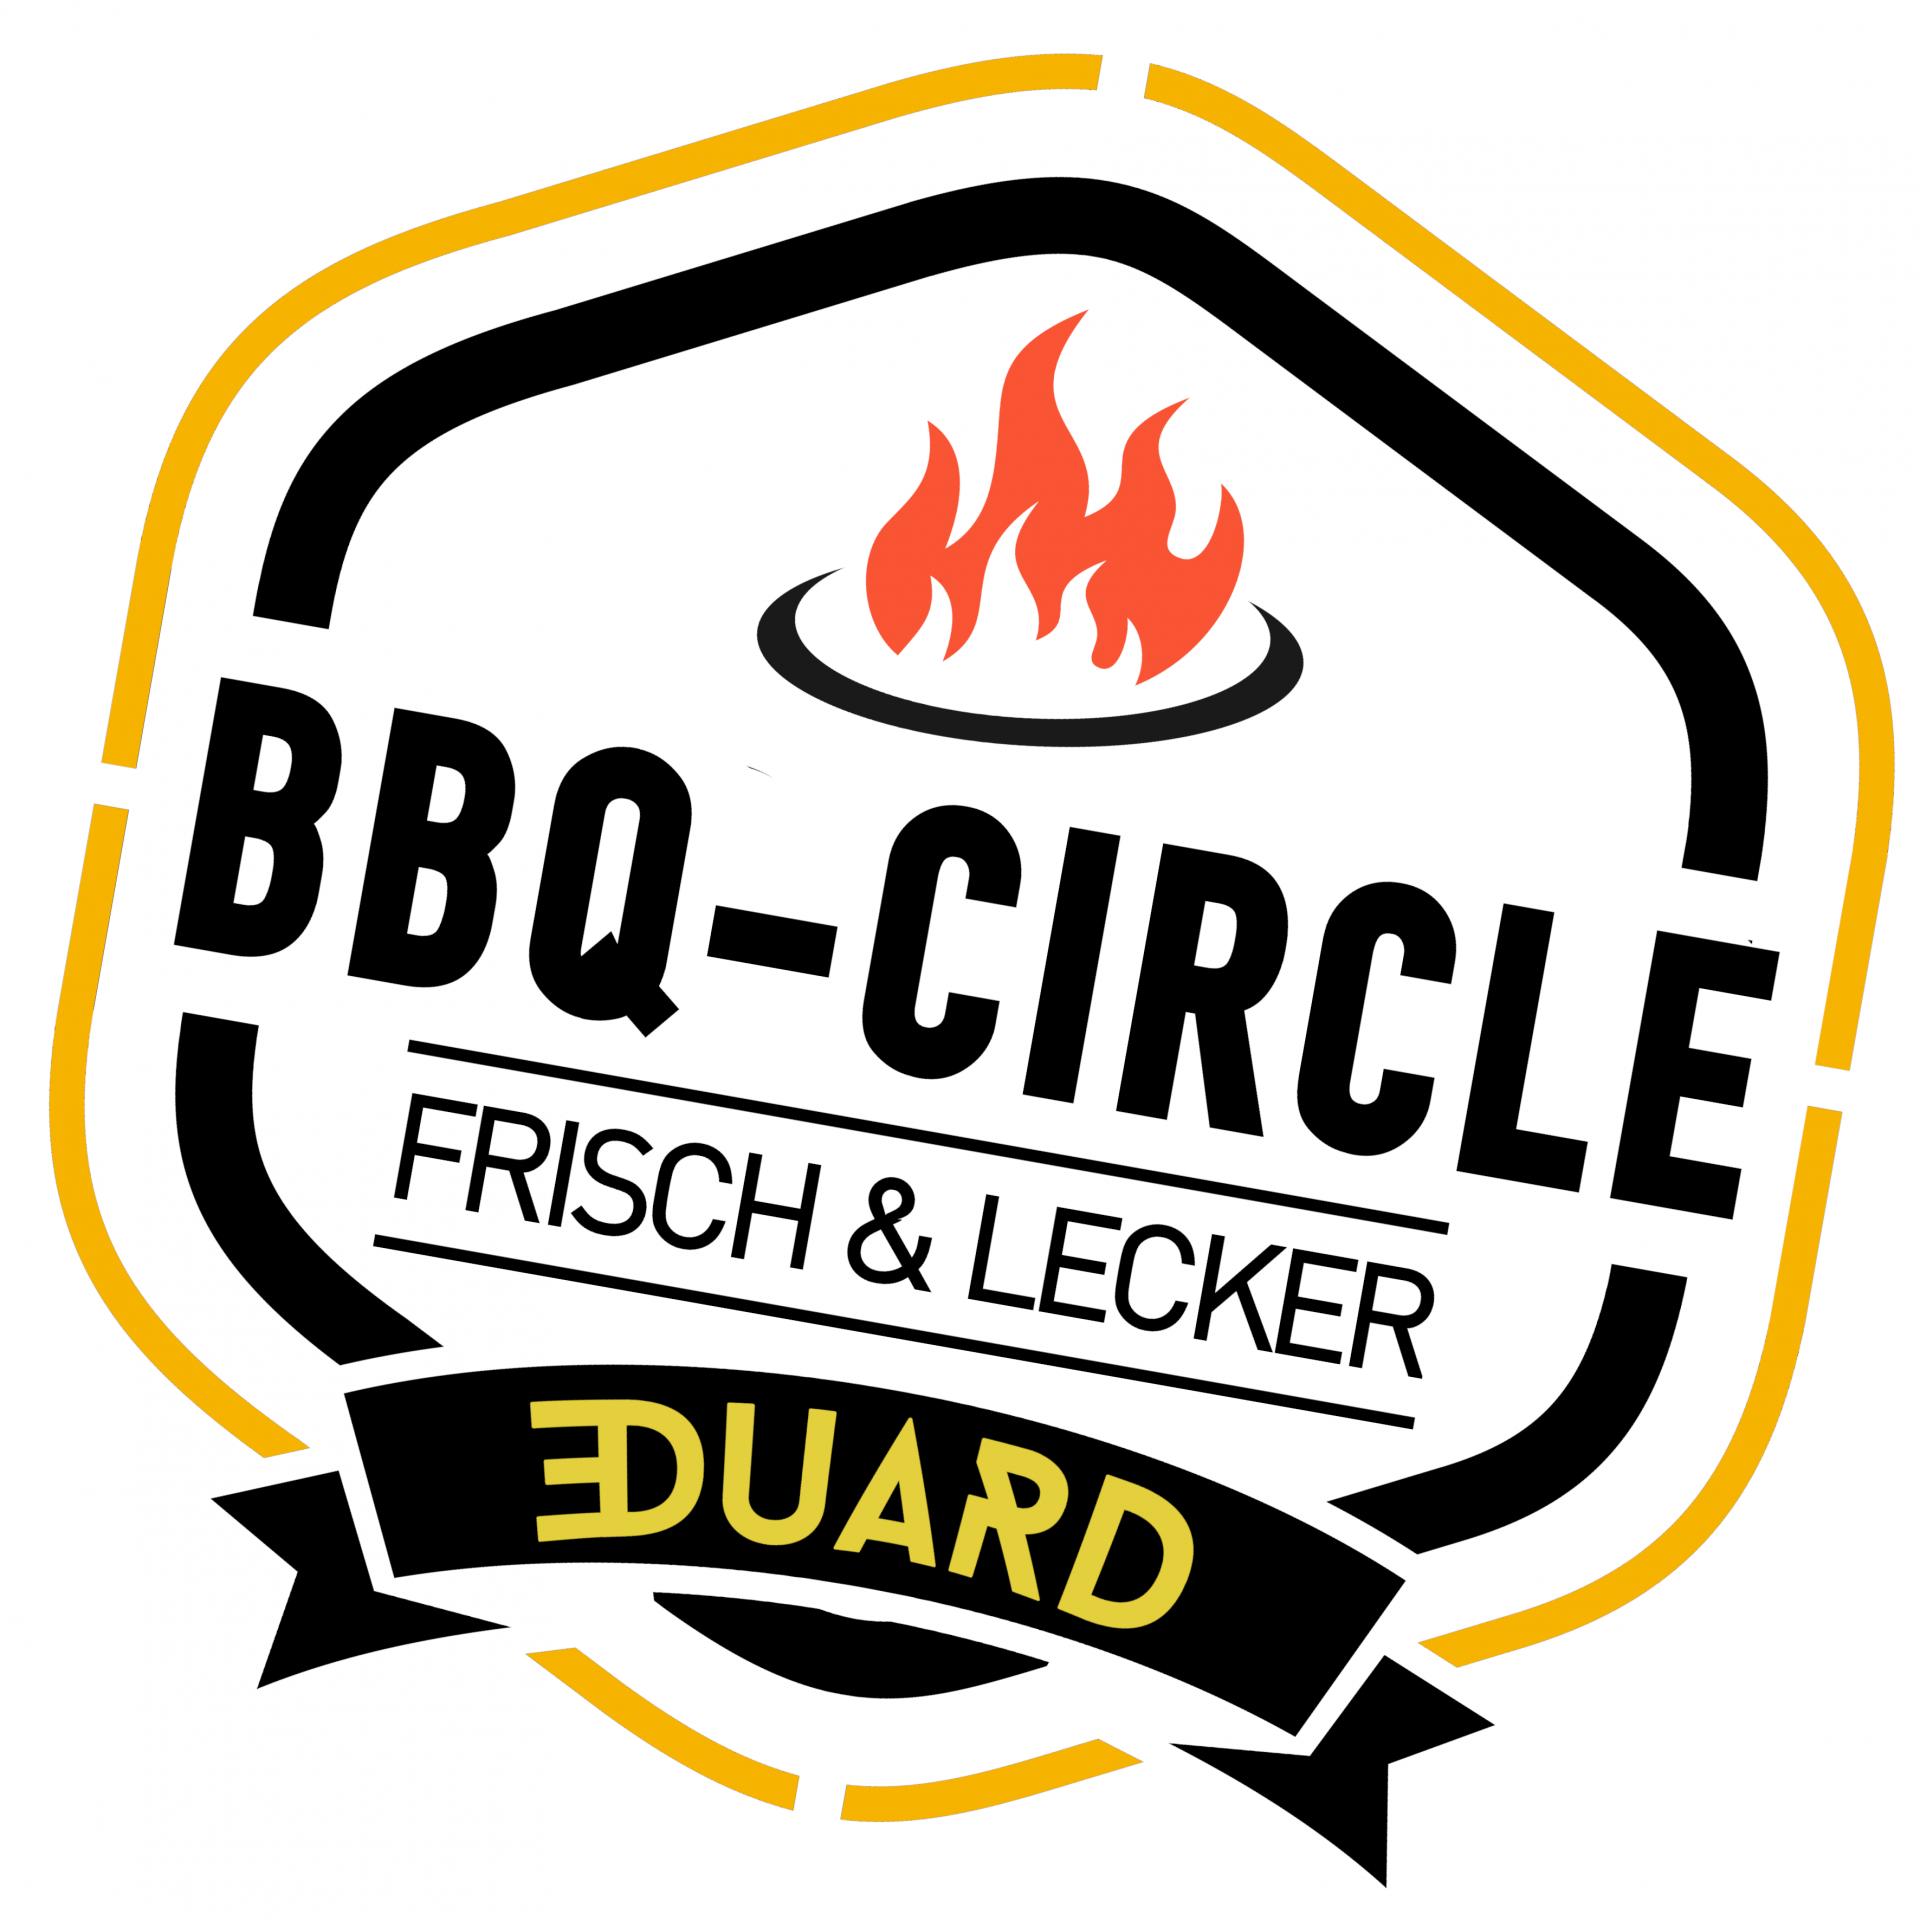 BBQ-Circle